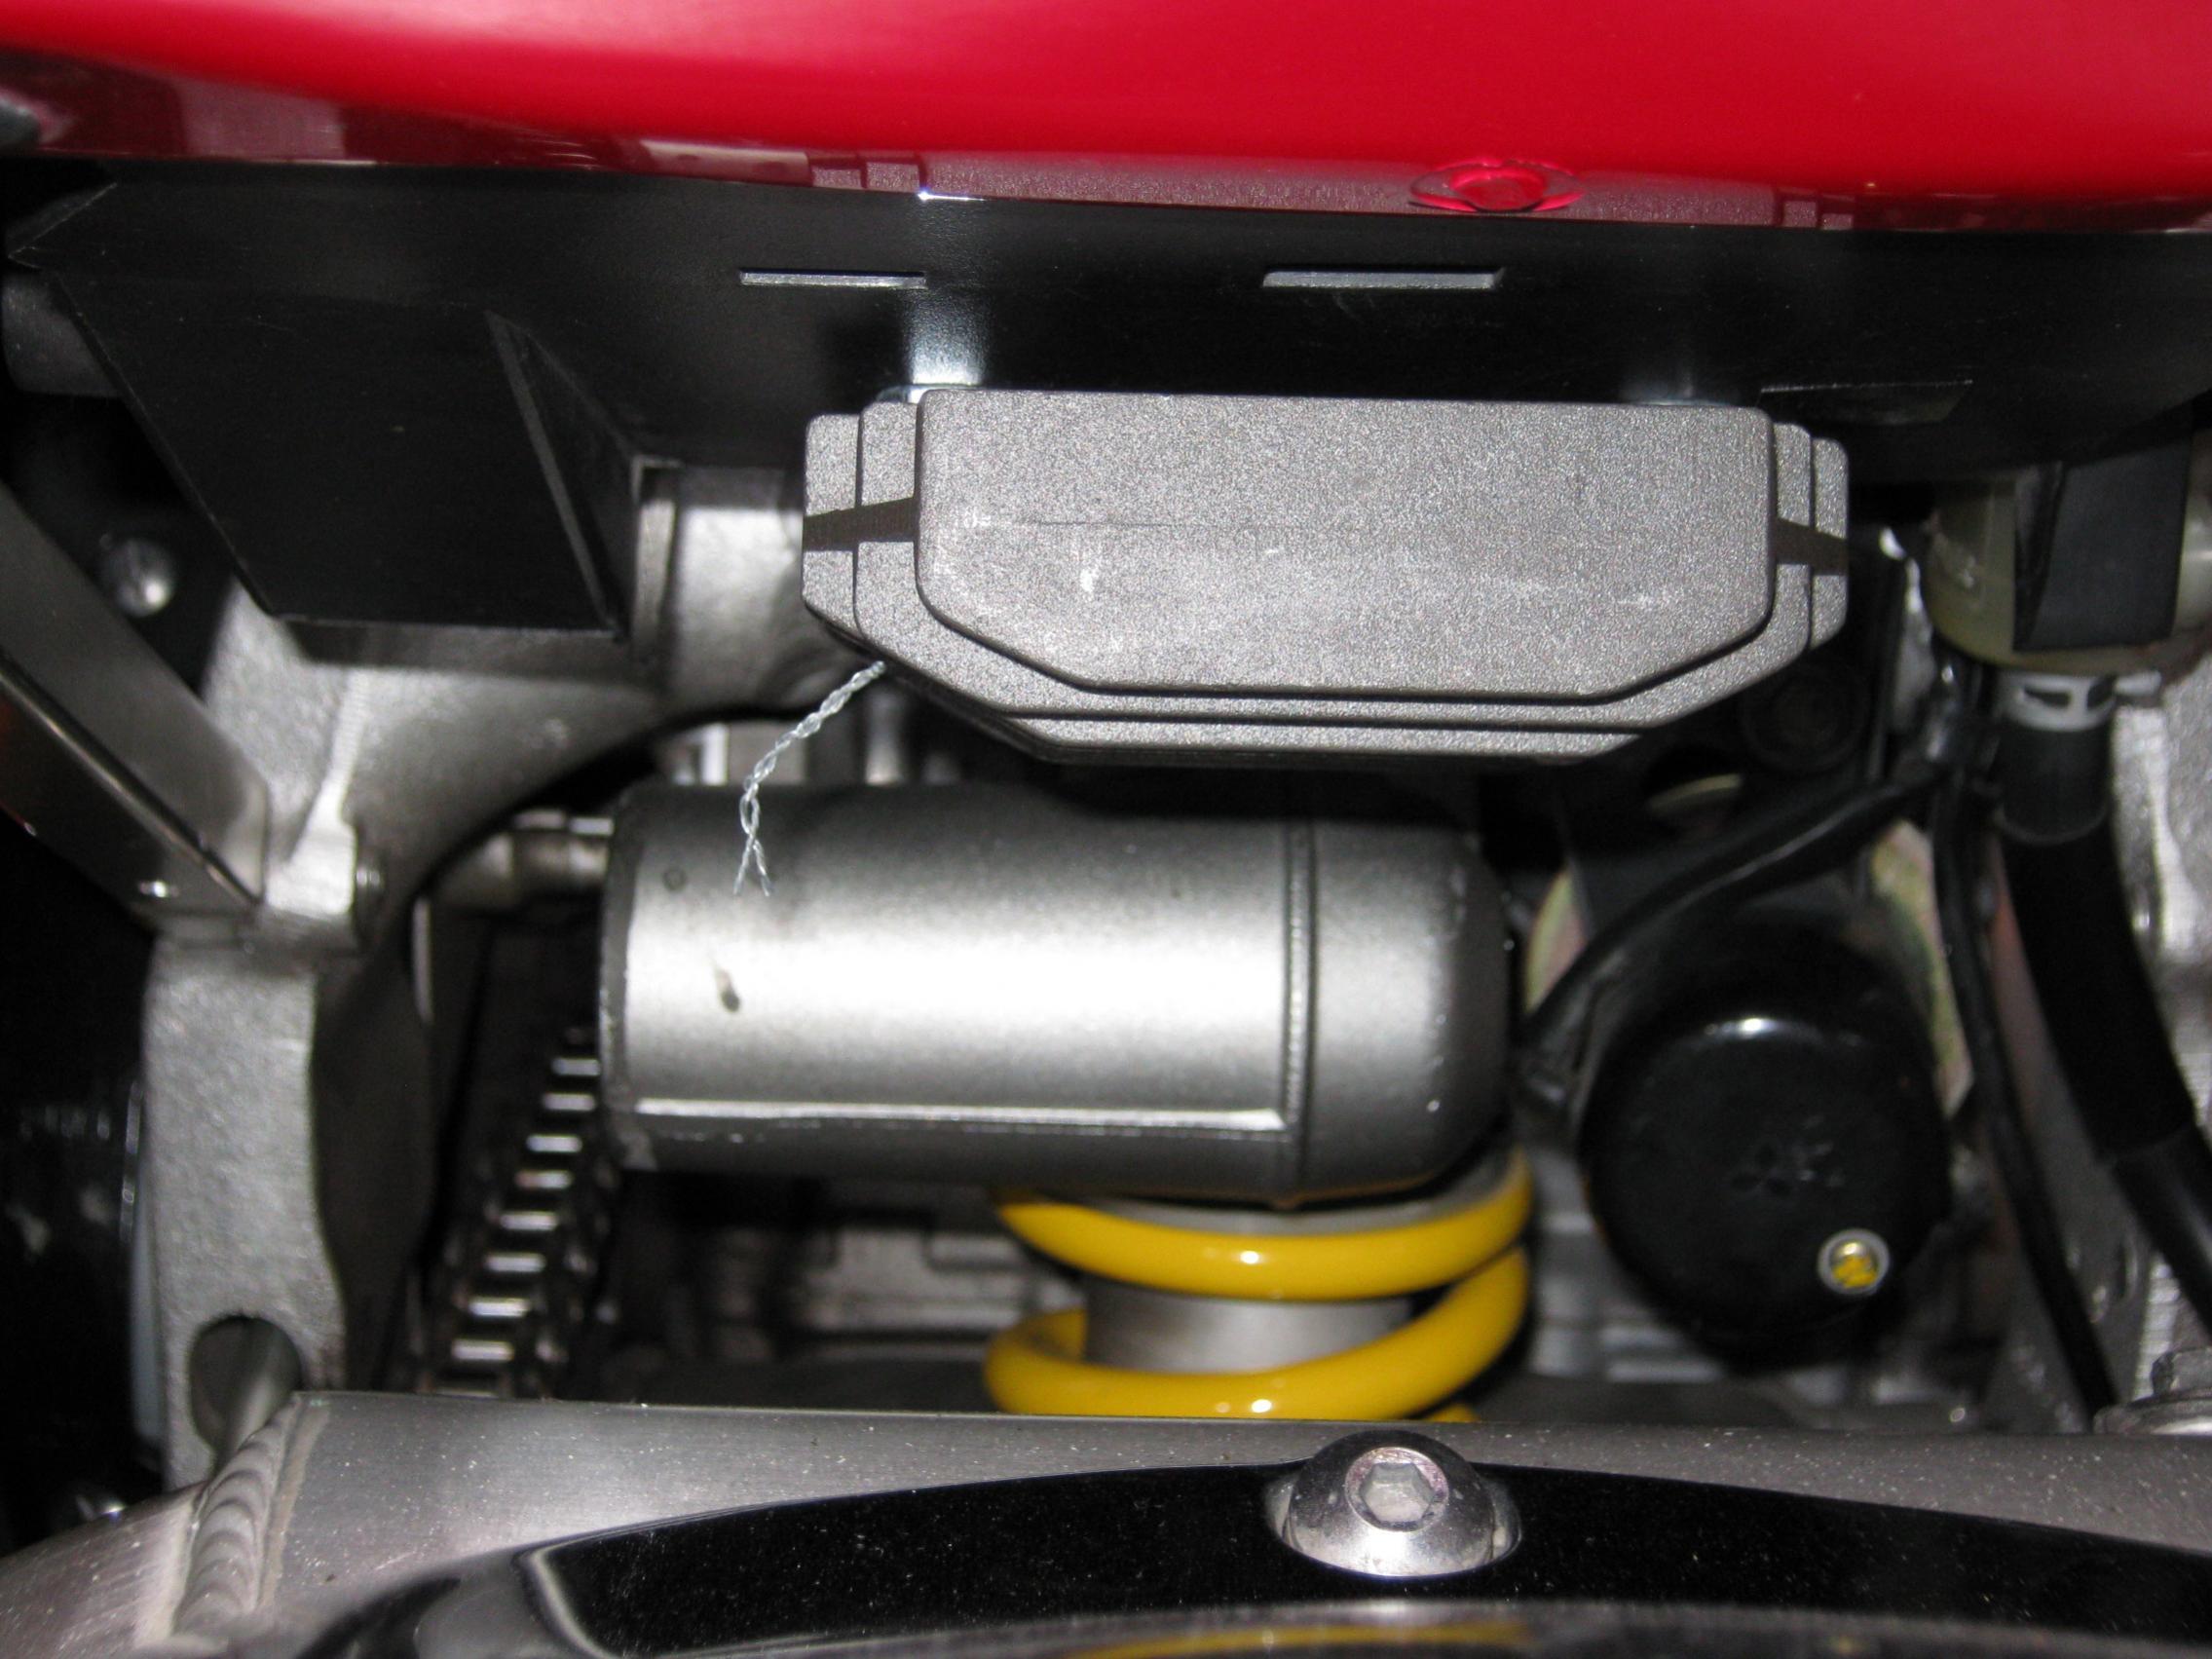 2001 Yamaha R6 Rectifier Wiring Diagram